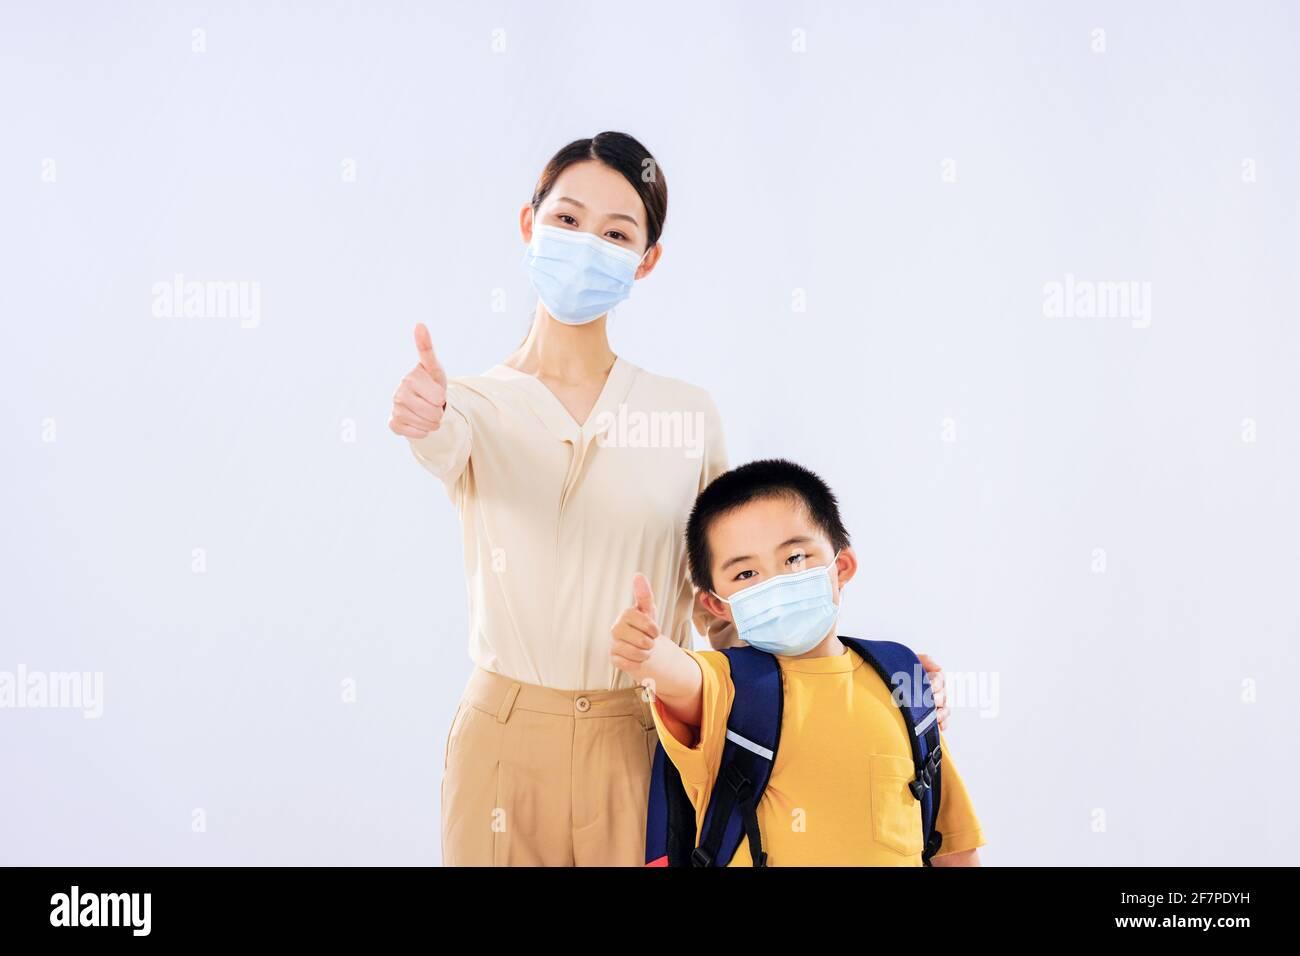 Maman et le petit garçon avec le masque mis leurs pouces souriant Banque D'Images